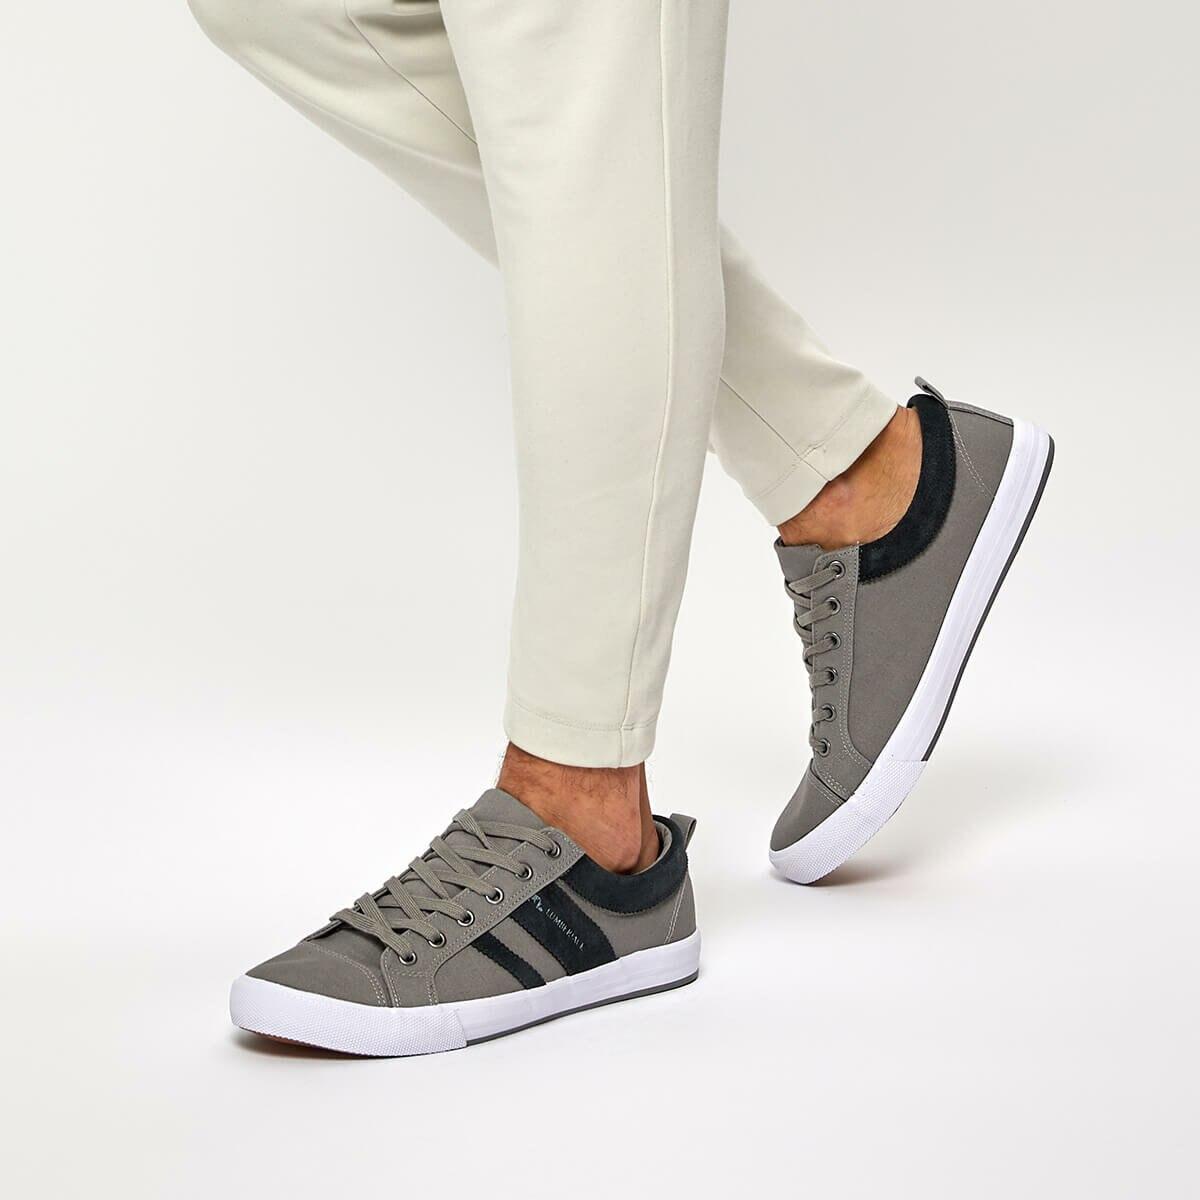 FLO GREG Gray Men 'S Sneaker Shoes LUMBERJACK